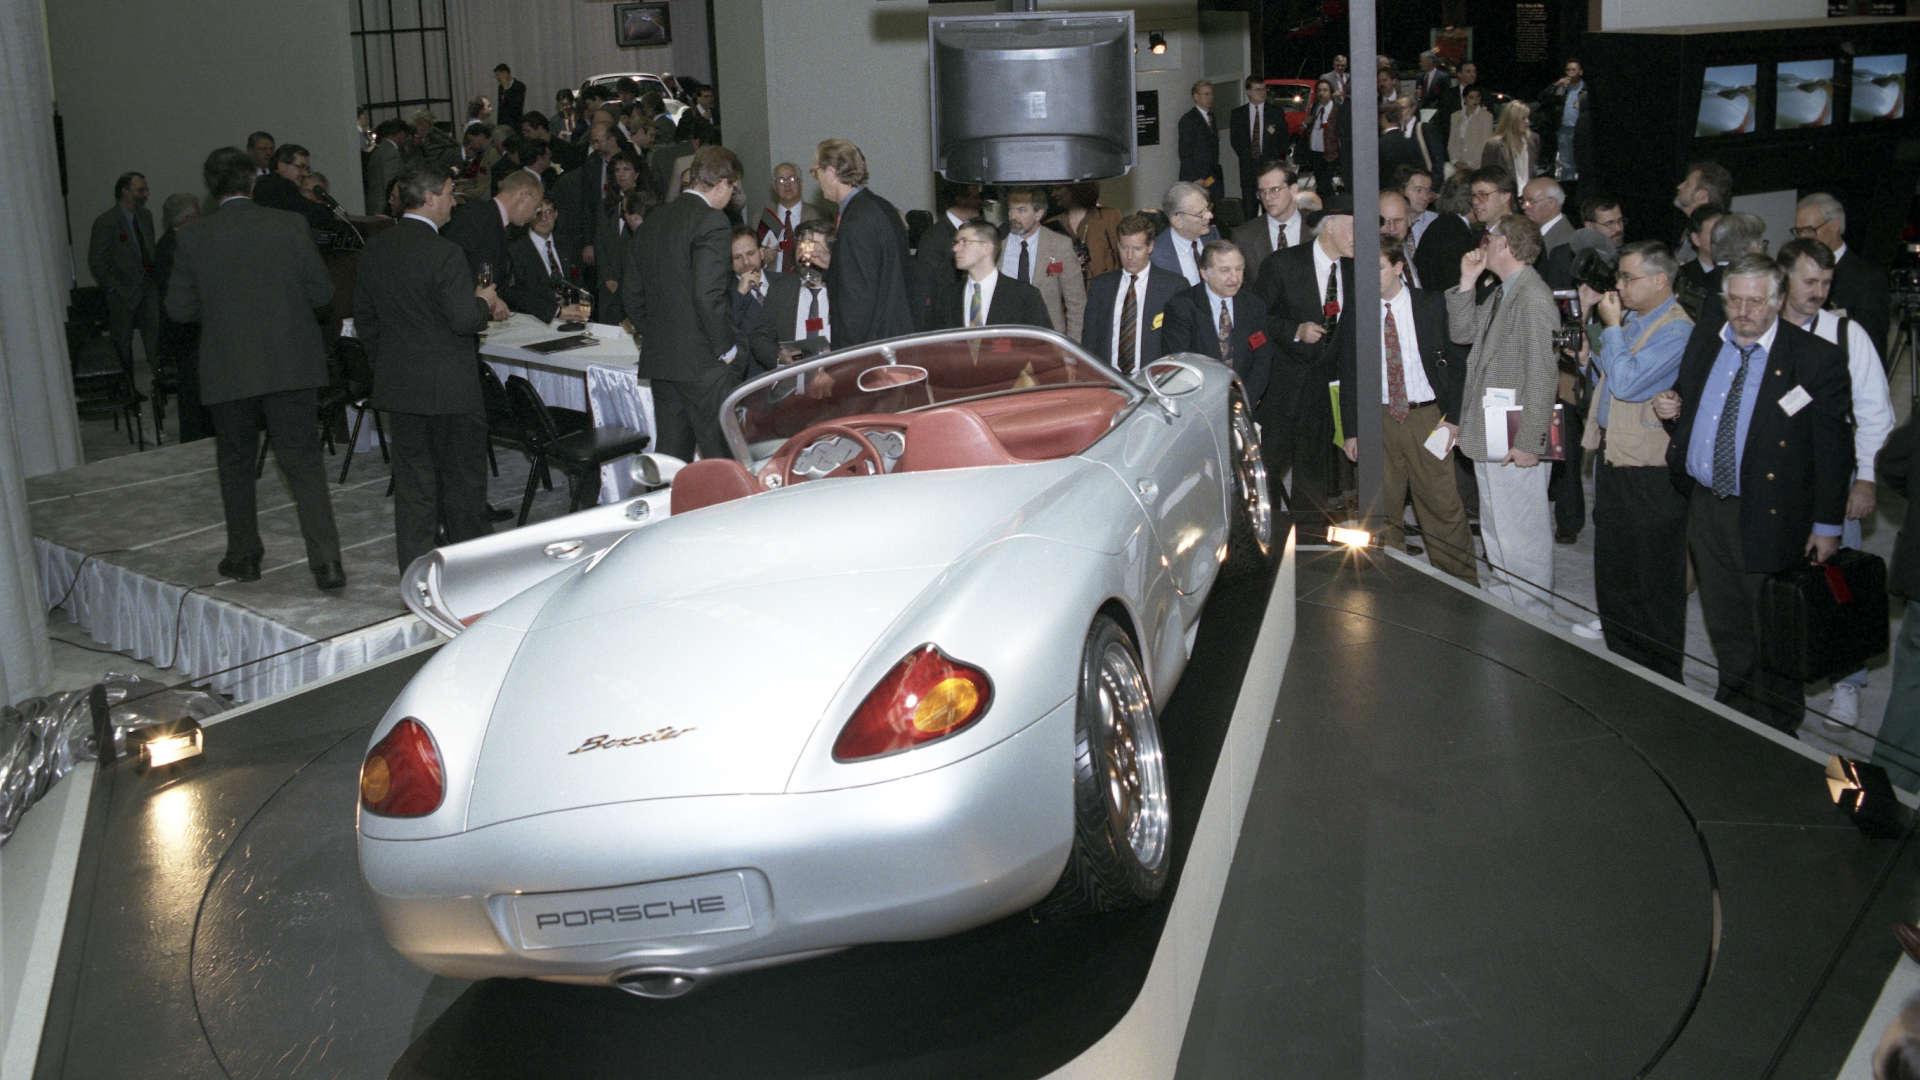 Porsche Boxster Studie Detroit Motor Show